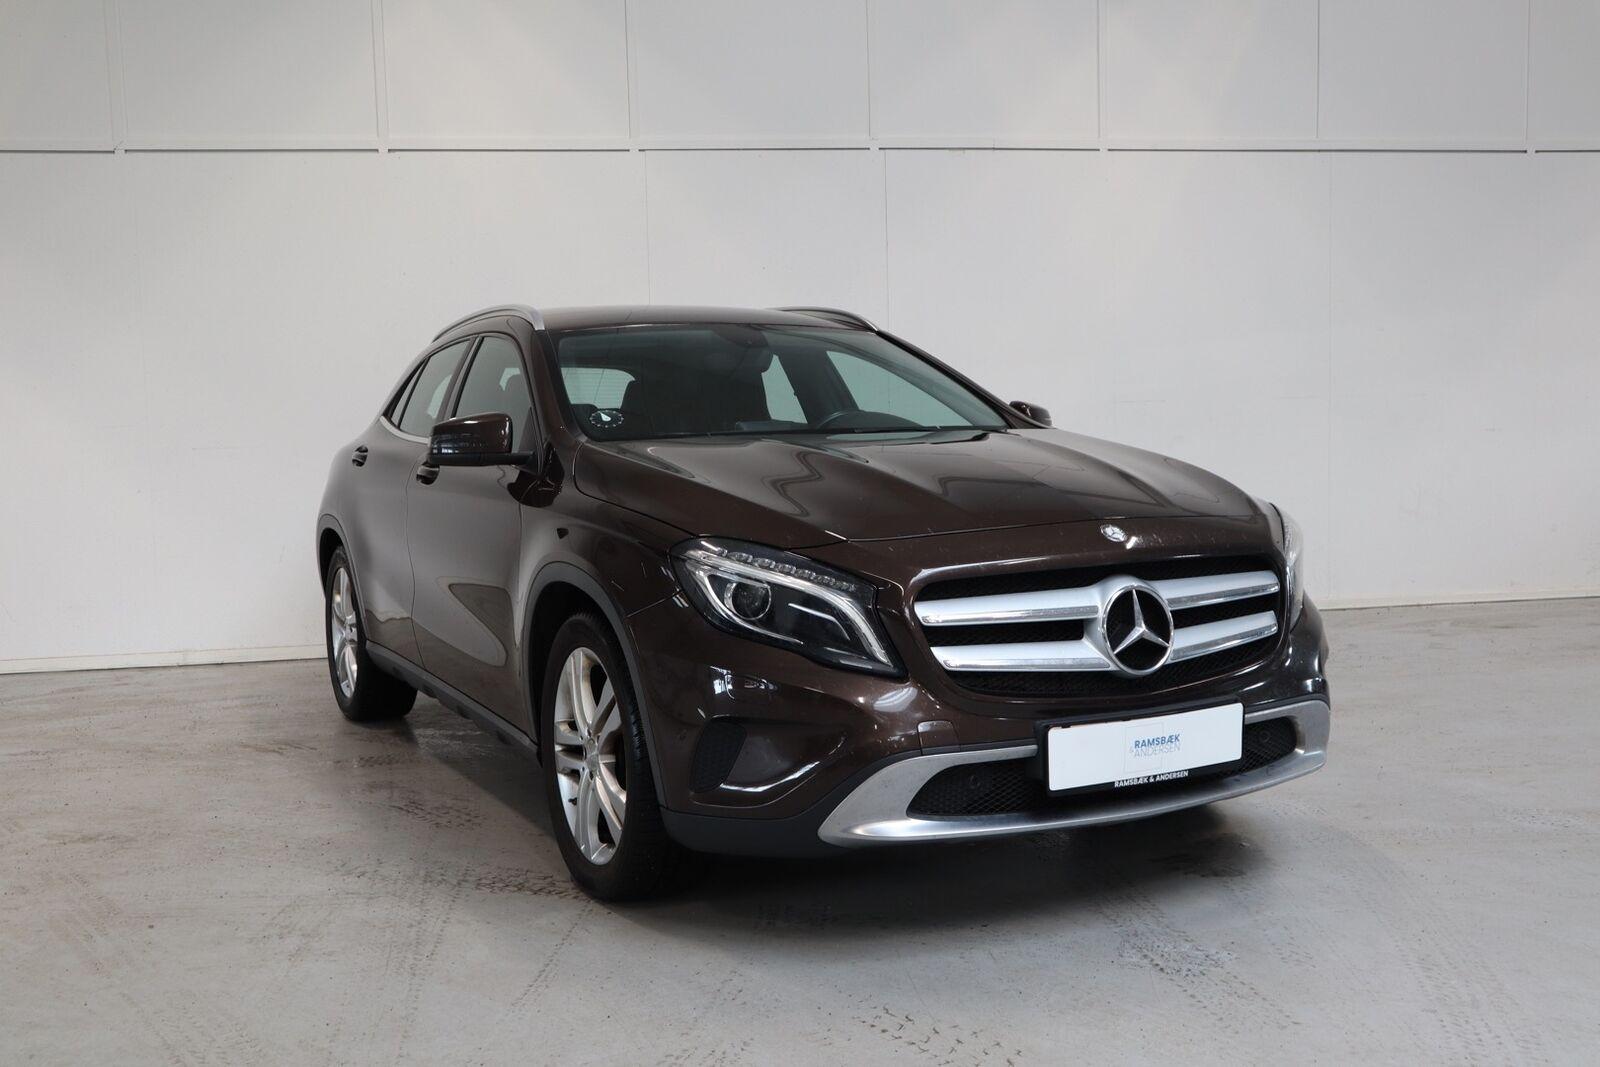 Mercedes GLA220 2,2 CDi aut. 4Matic 5d